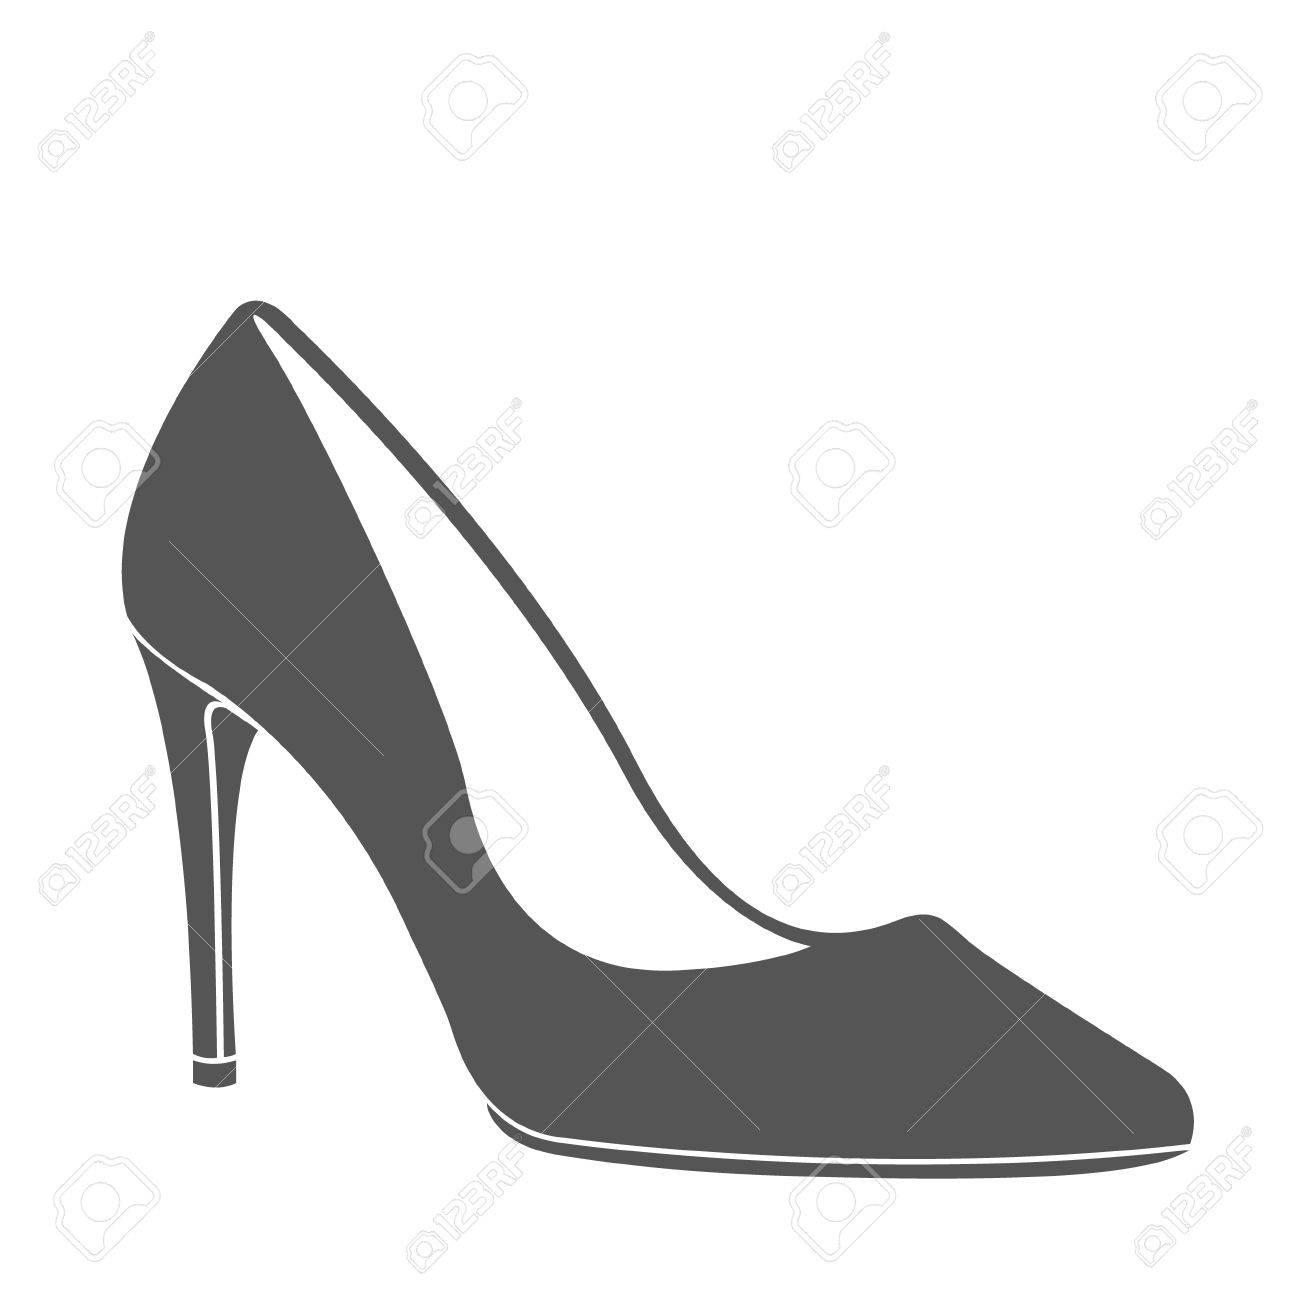 Atemberaubend Schuh Kuchen Vorlage Bilder - Entry Level Resume ...